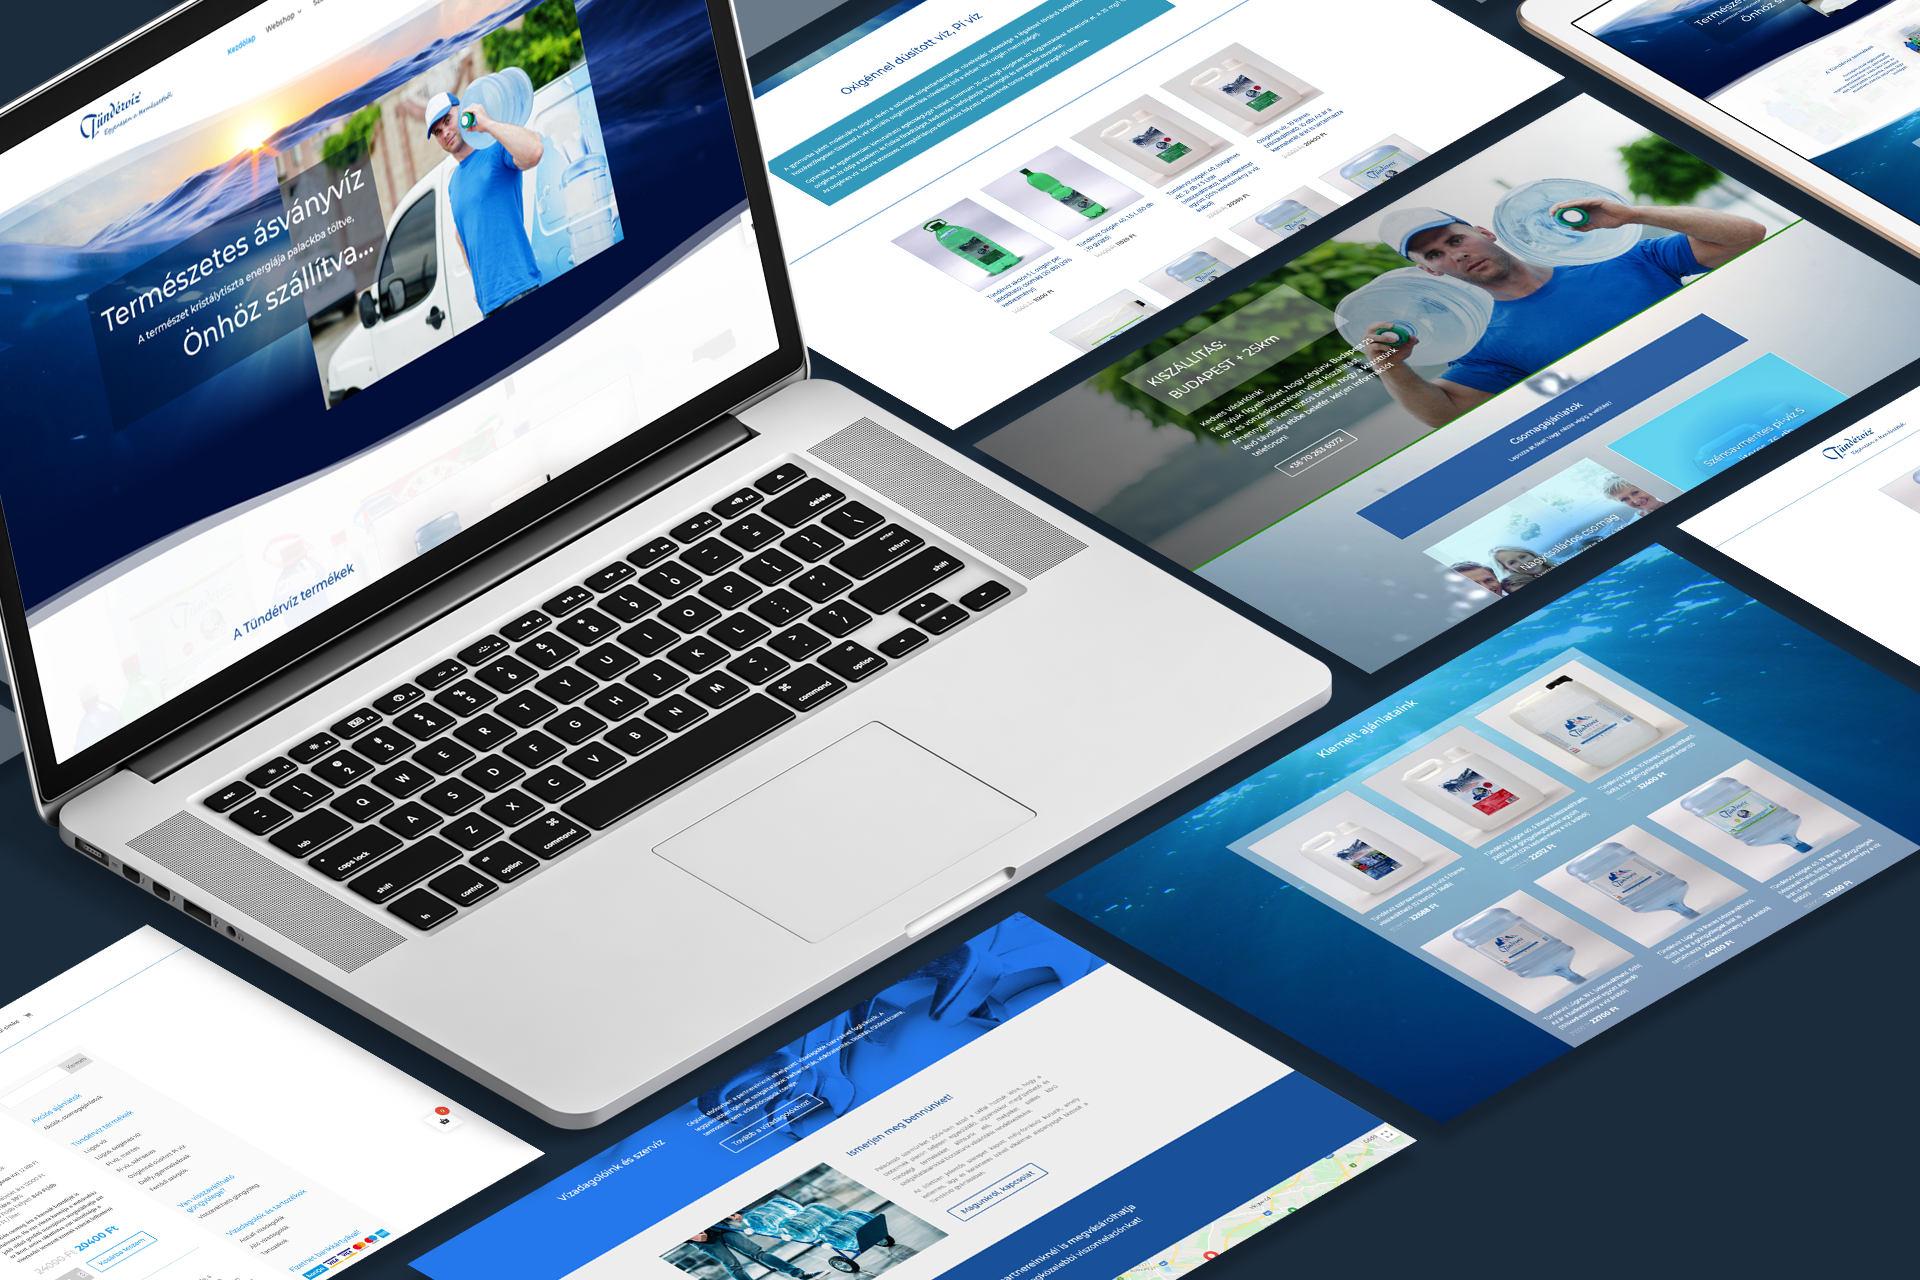 tündérvíz honlap, webshop referencia